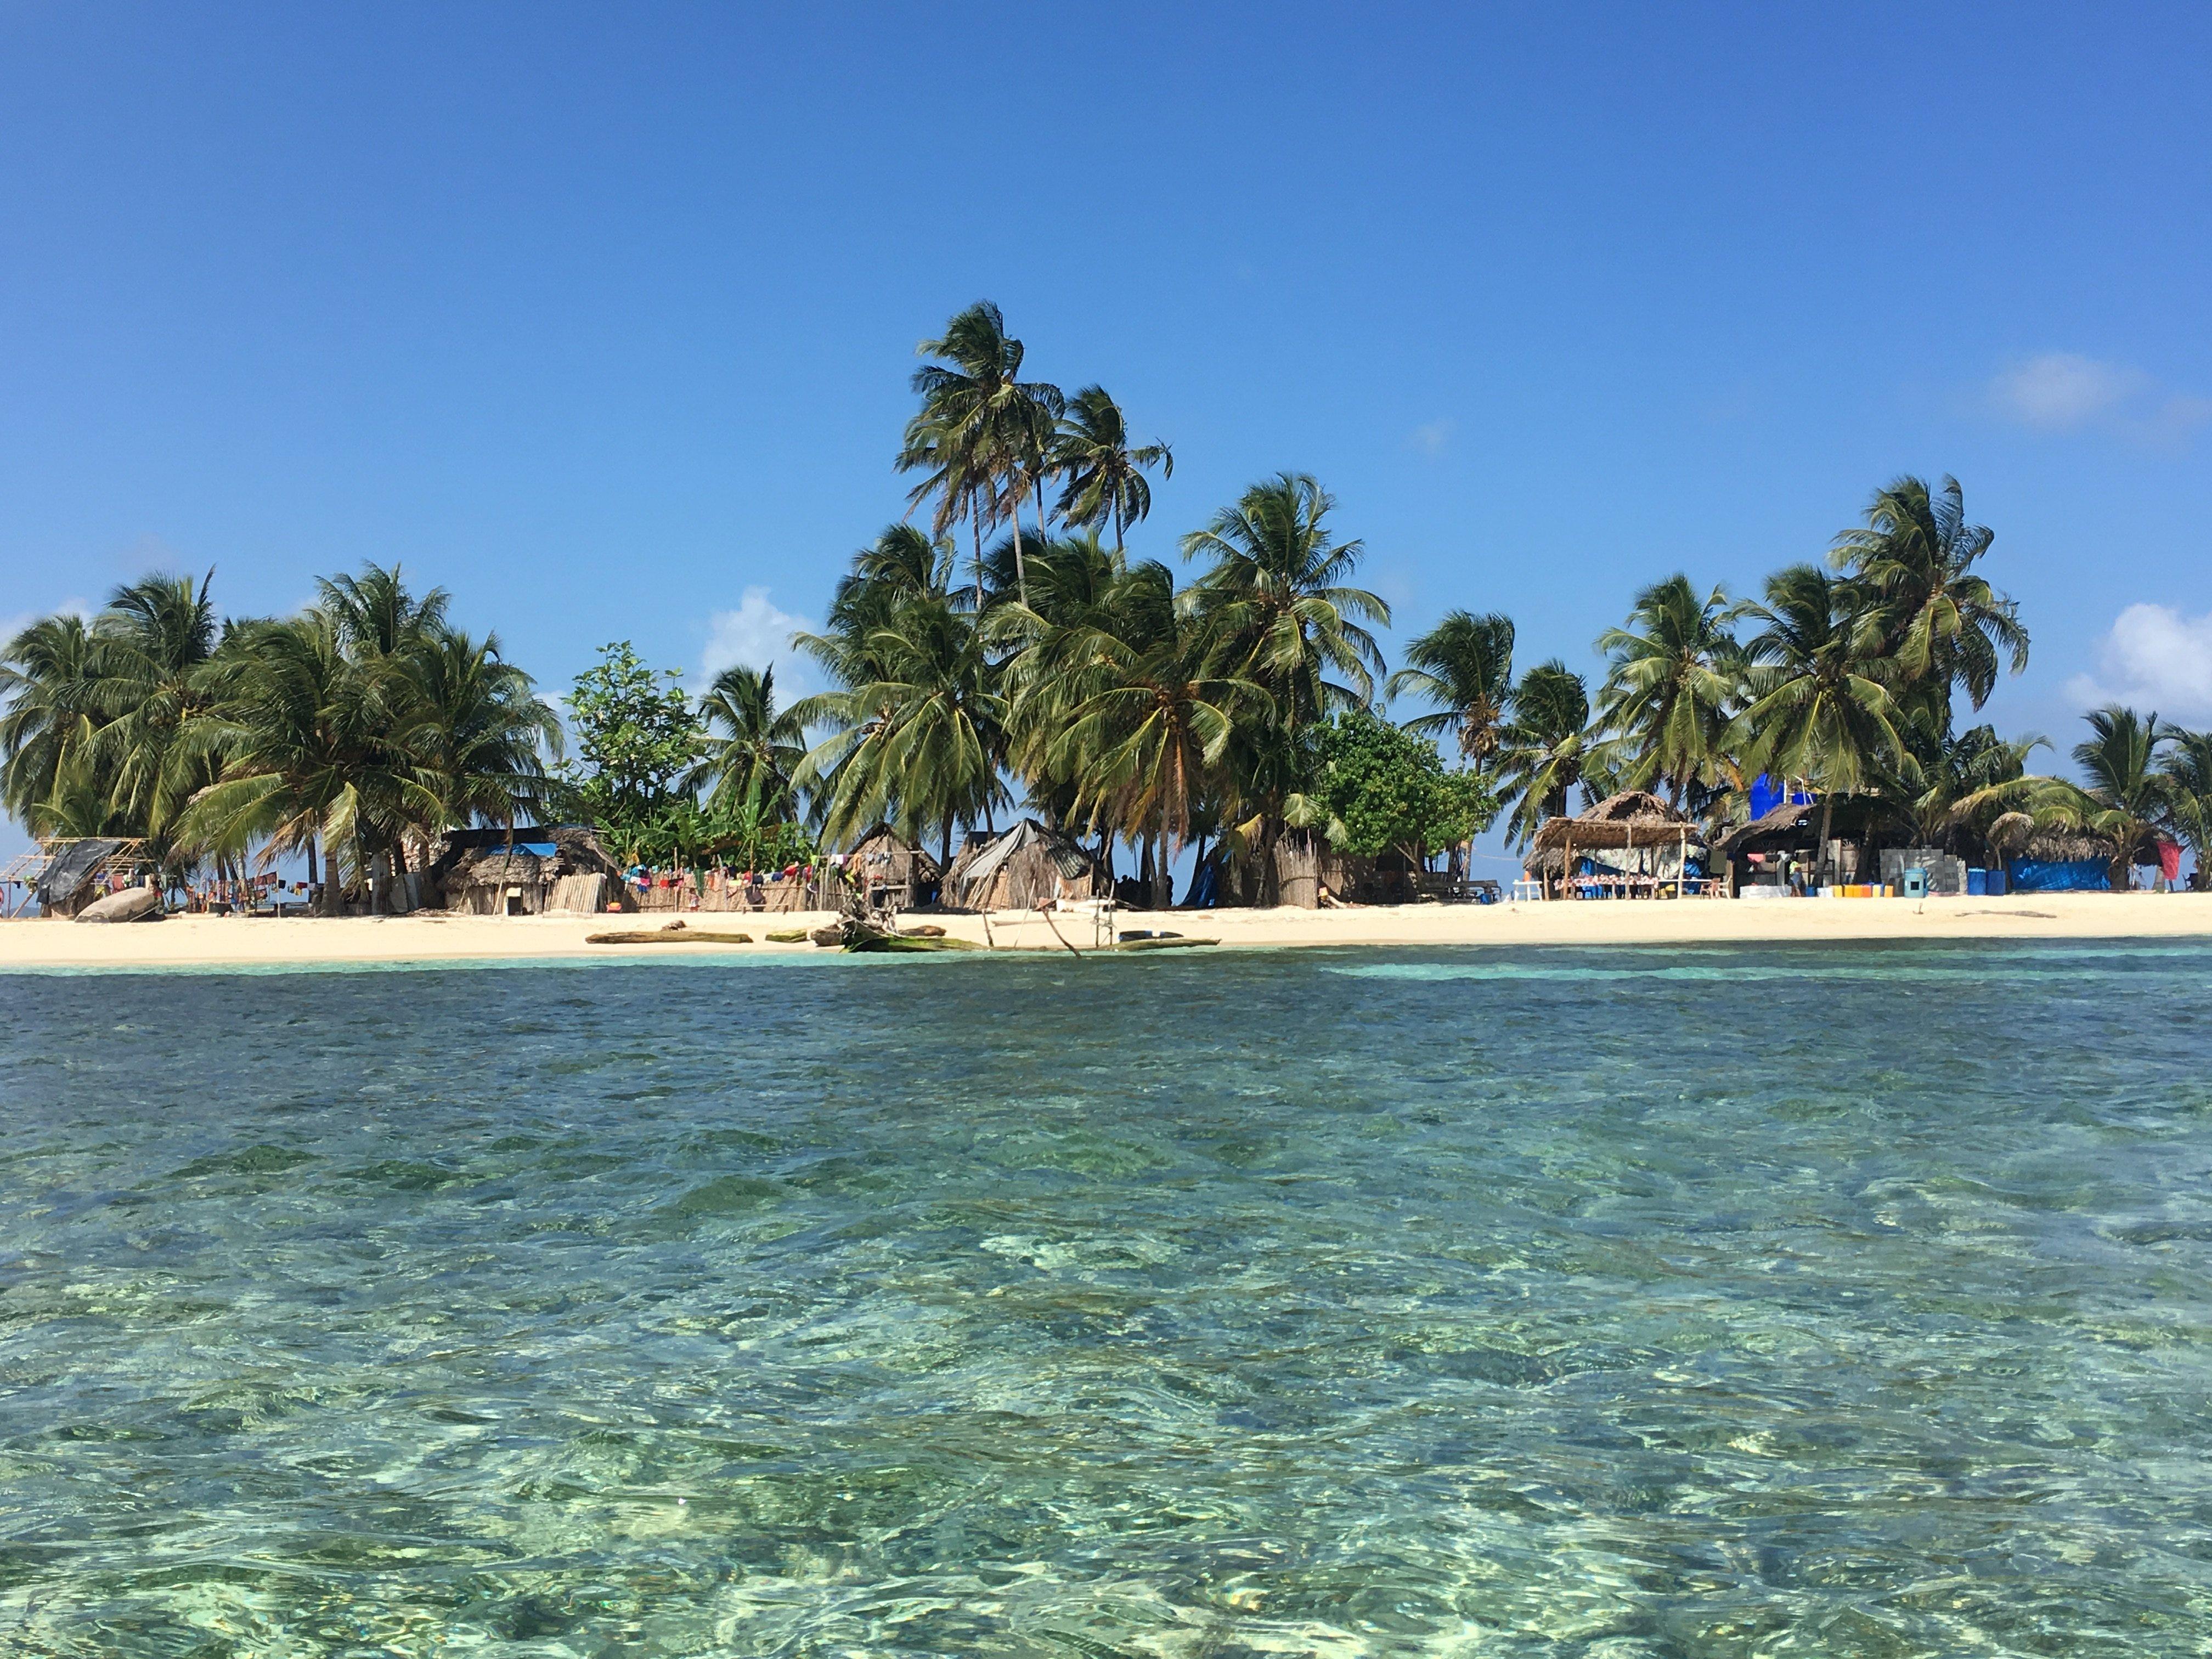 Cabañas Coco Blanco